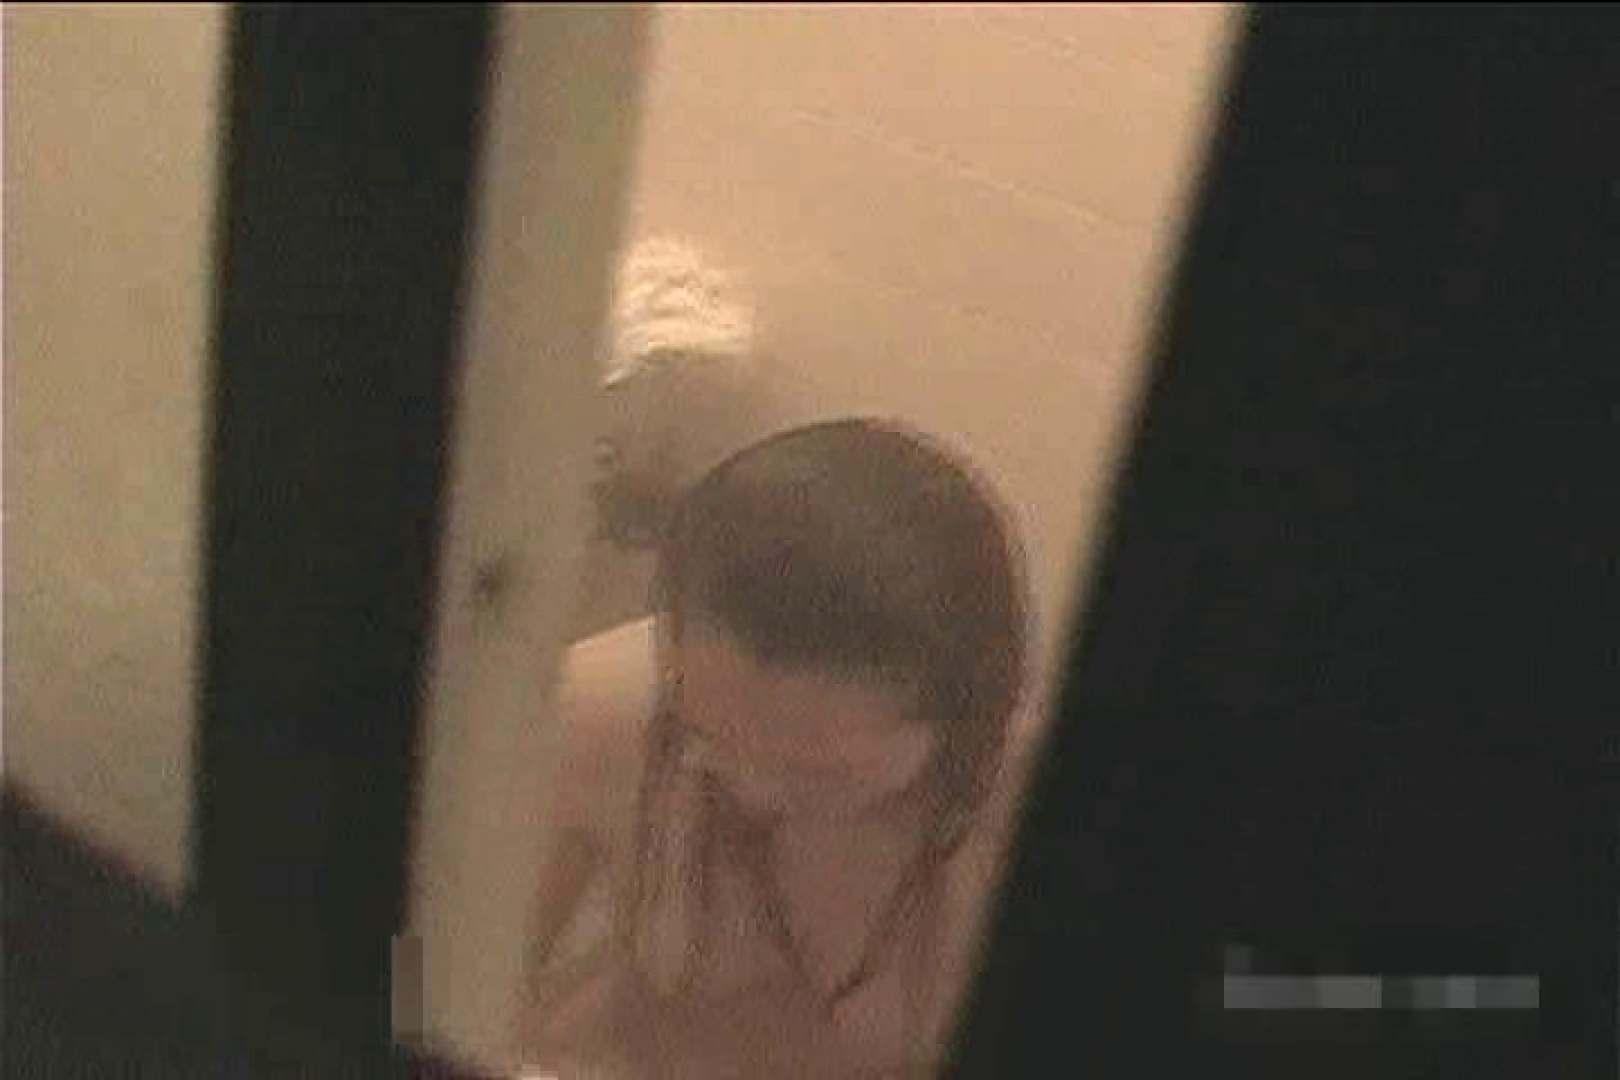 激撮ストーカー記録あなたのお宅拝見しますVol.7 女体盗撮 | OL女体  86連発 33